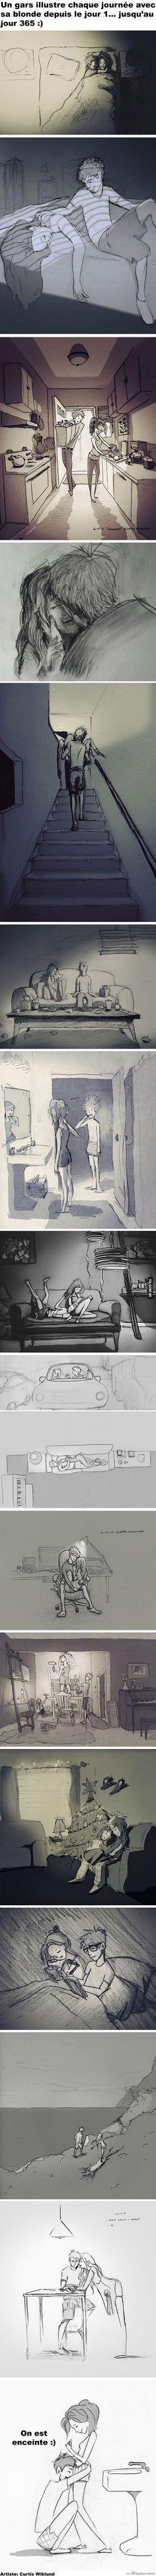 Un gars illustre sa relation amoureuse en 365 dessins depuis le jour 1... et c'est simplement parfait :)